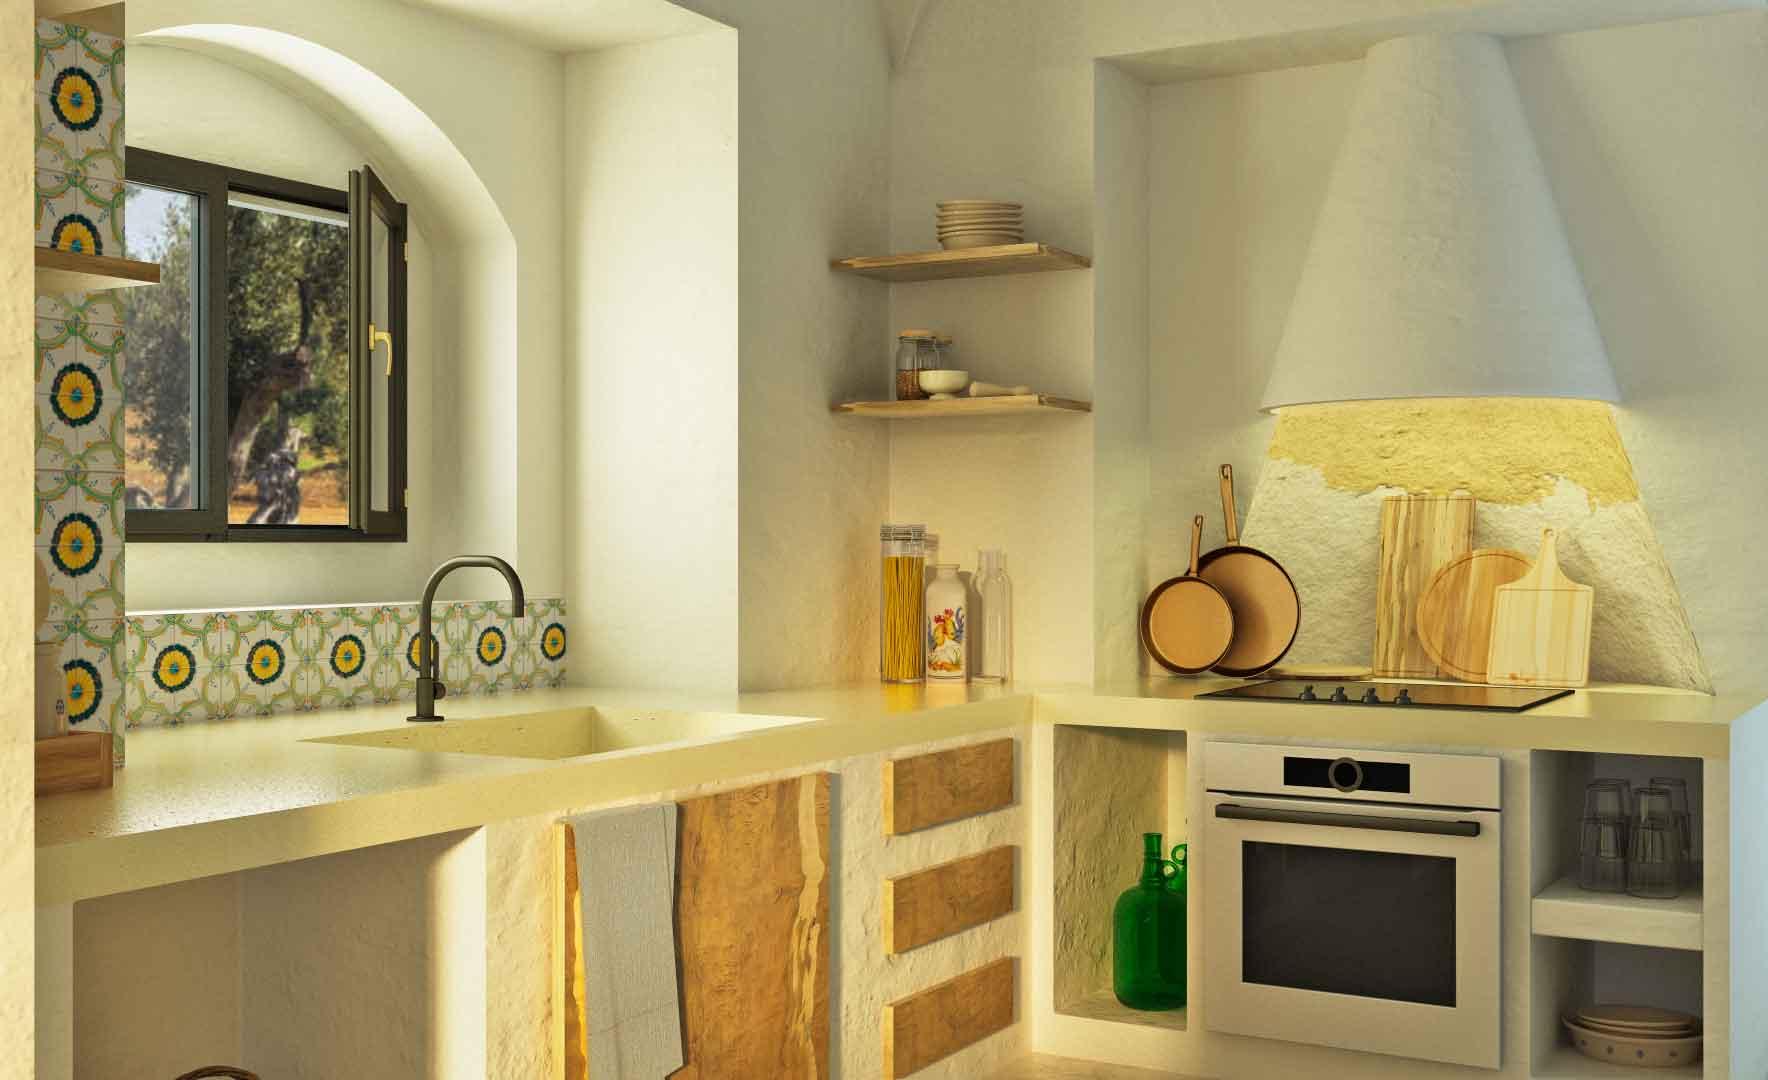 cucina-taglio-2